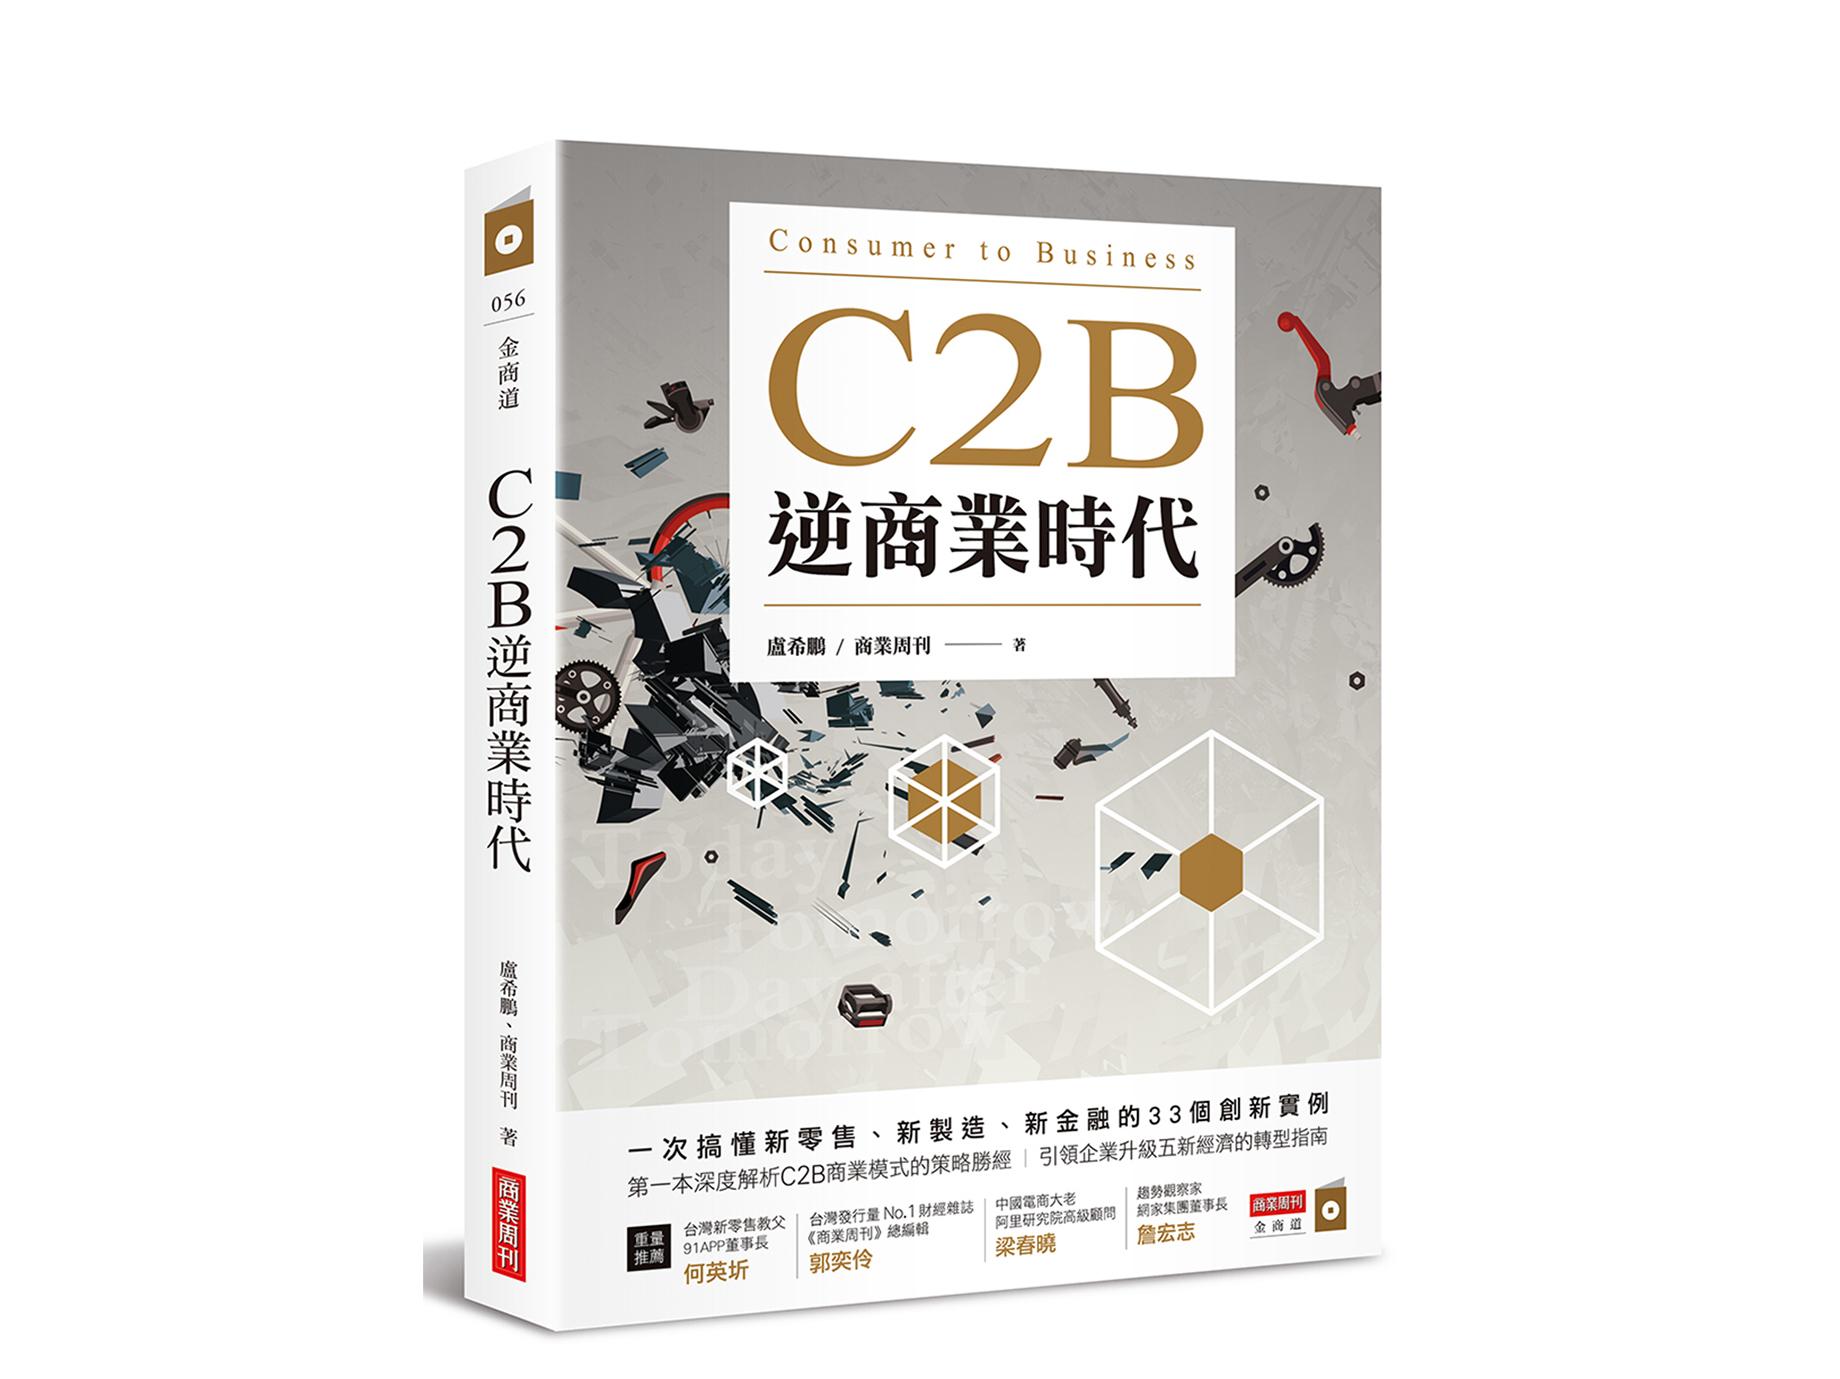 新書搶先看》以消費者為中心的C2B,才是新零售發展的最終模式